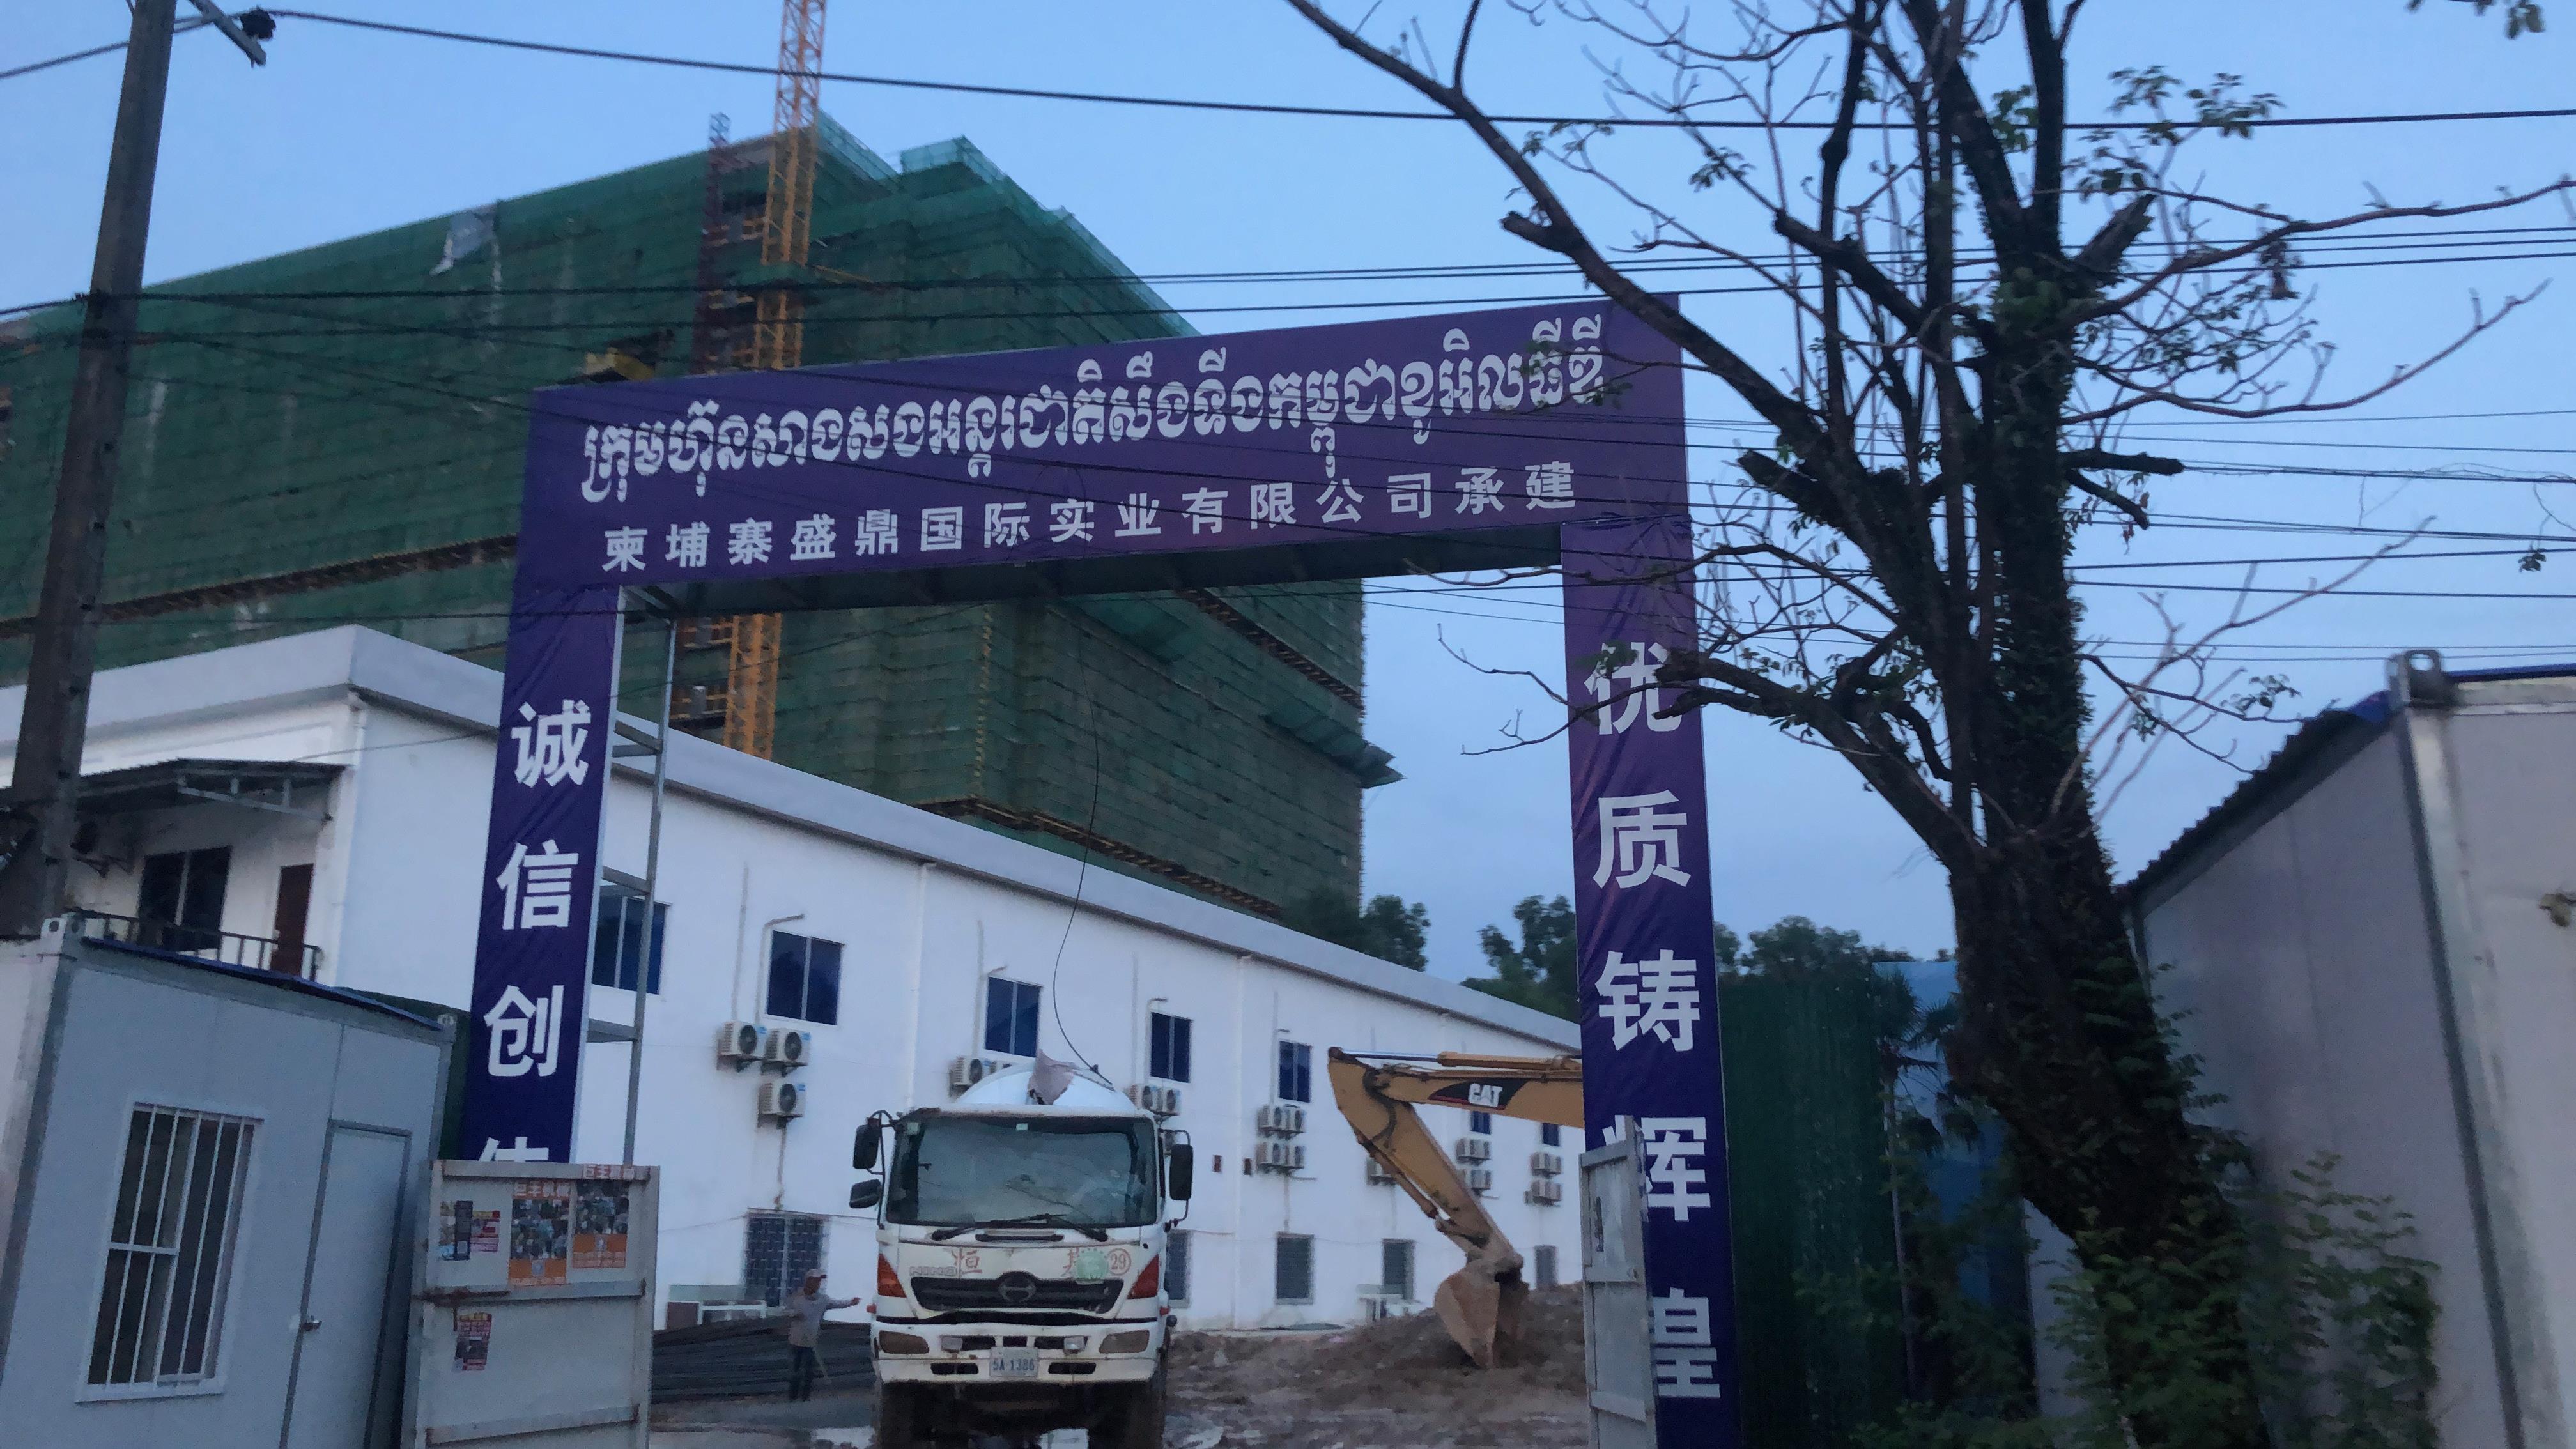 En investissant des milliards de dollars en infrastructures, la Chine est devenue le principal partenaire du Cambodge, ce qui provoque de profonds bouleversements dans le pays.